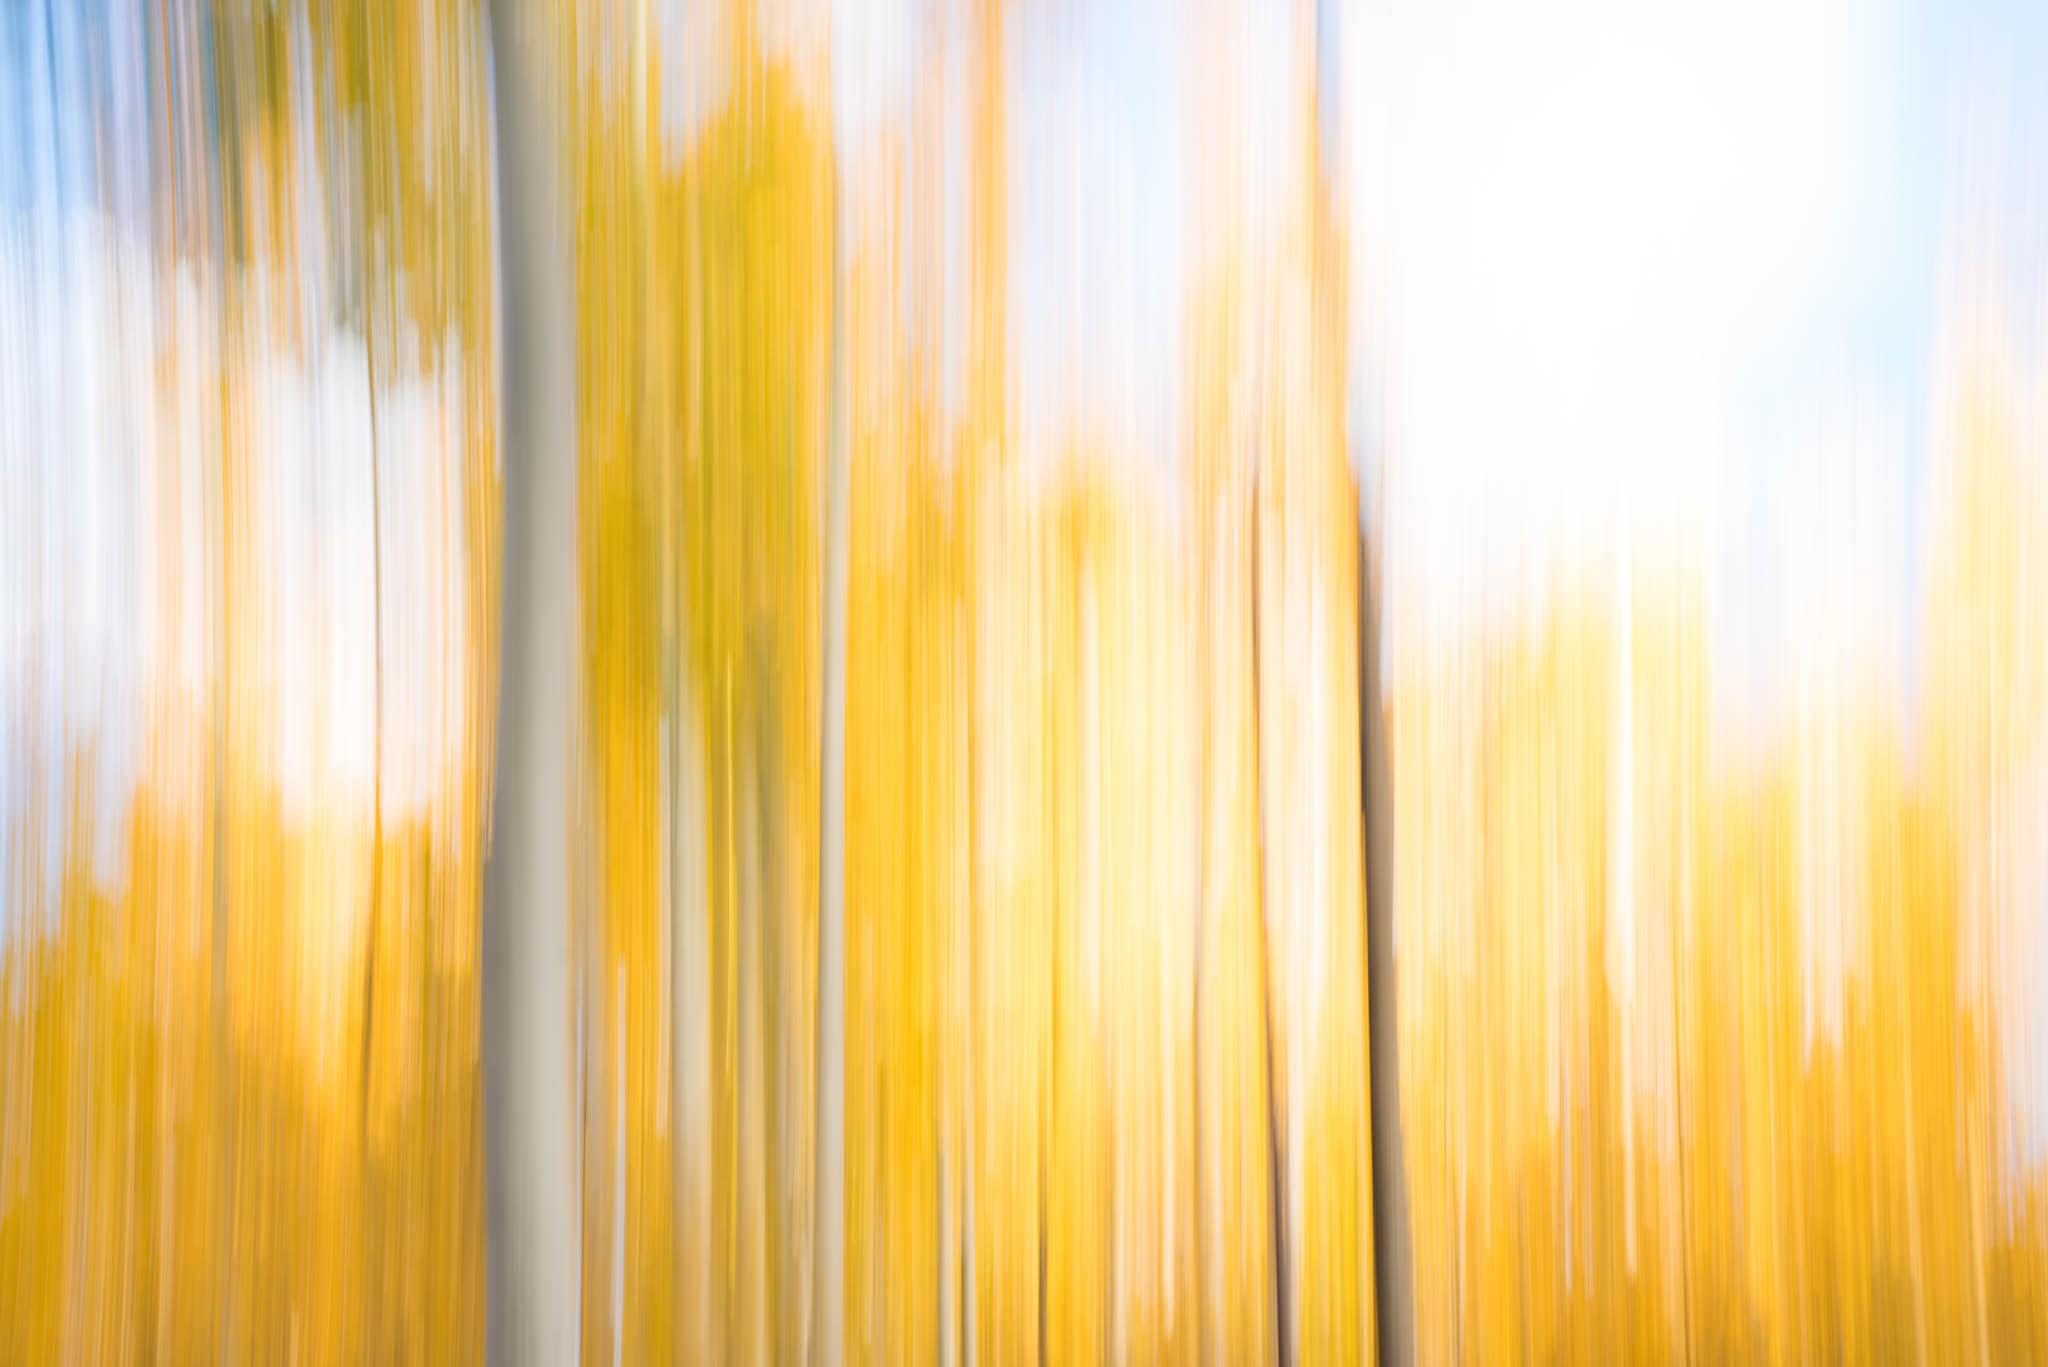 Aspen-Lines-9.jpg